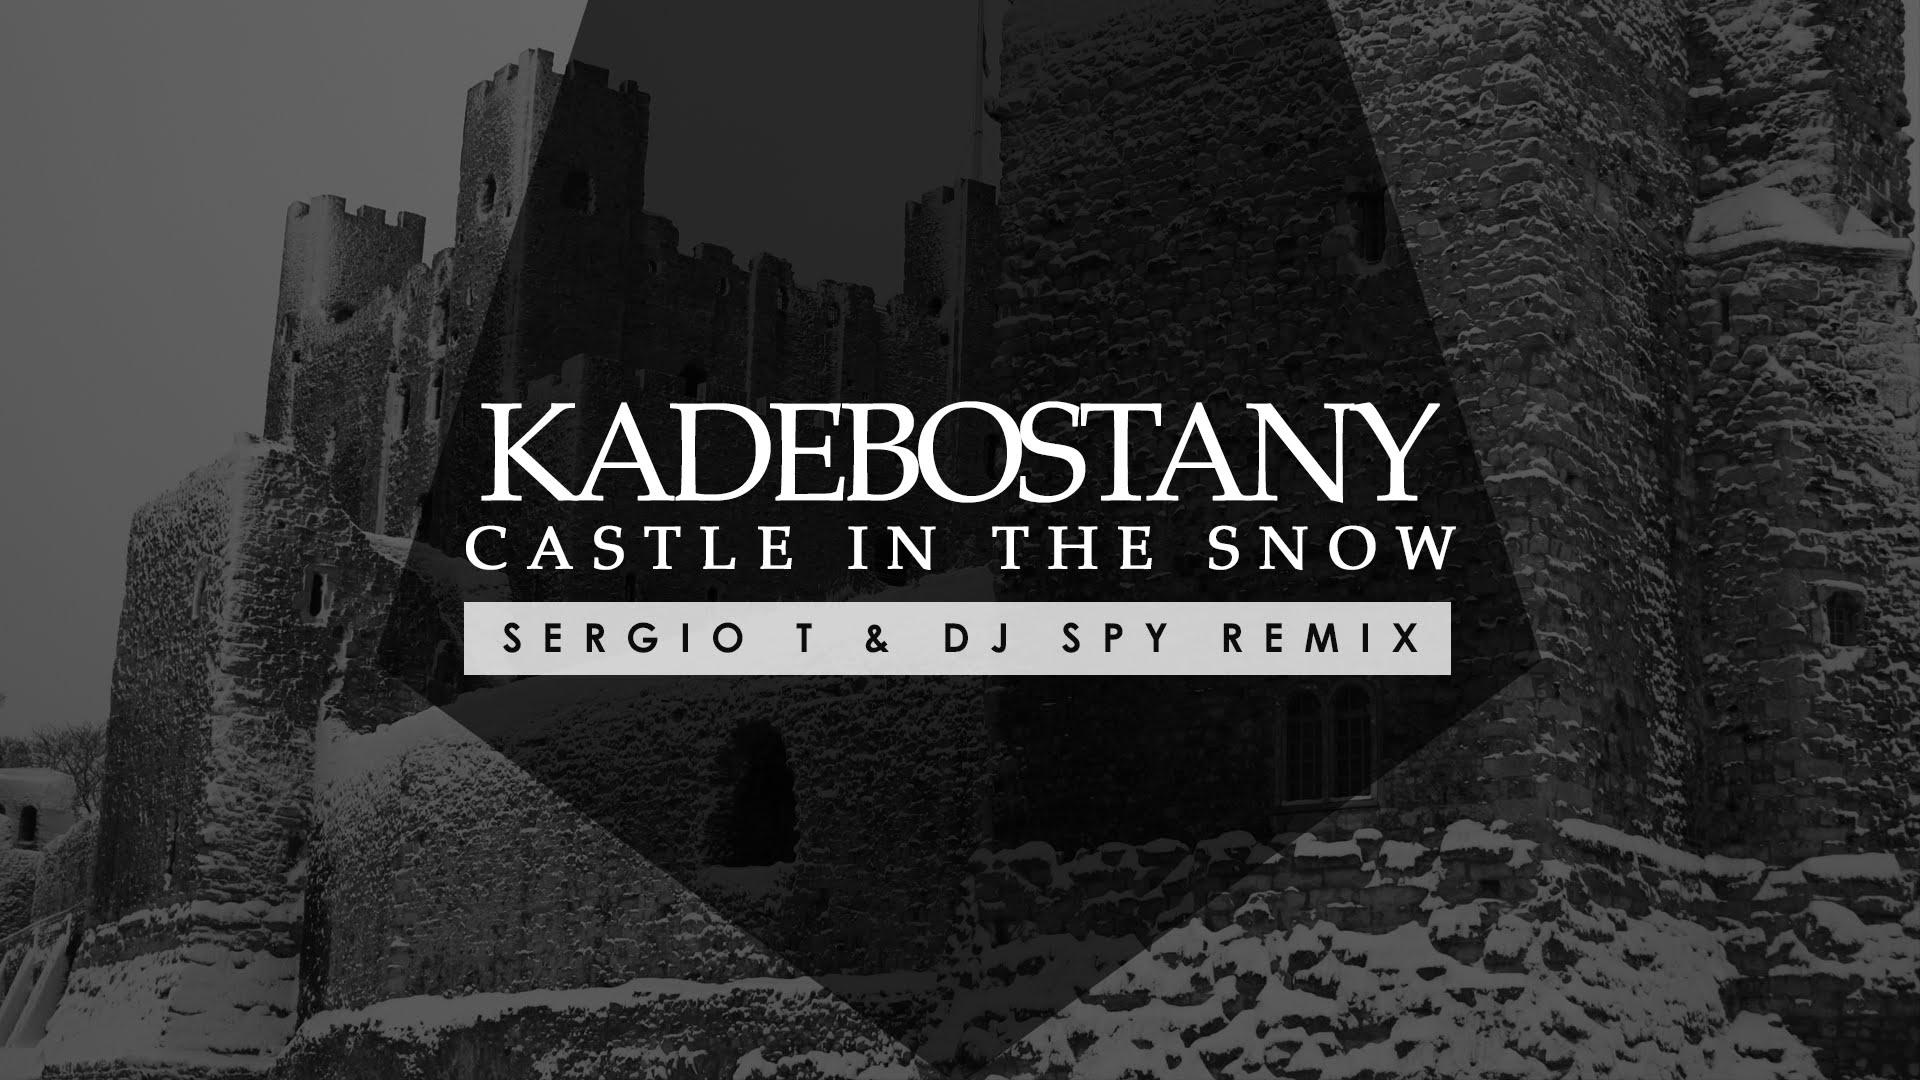 Скачать песню the avener kadebostany castle in the snow remix | peatix.